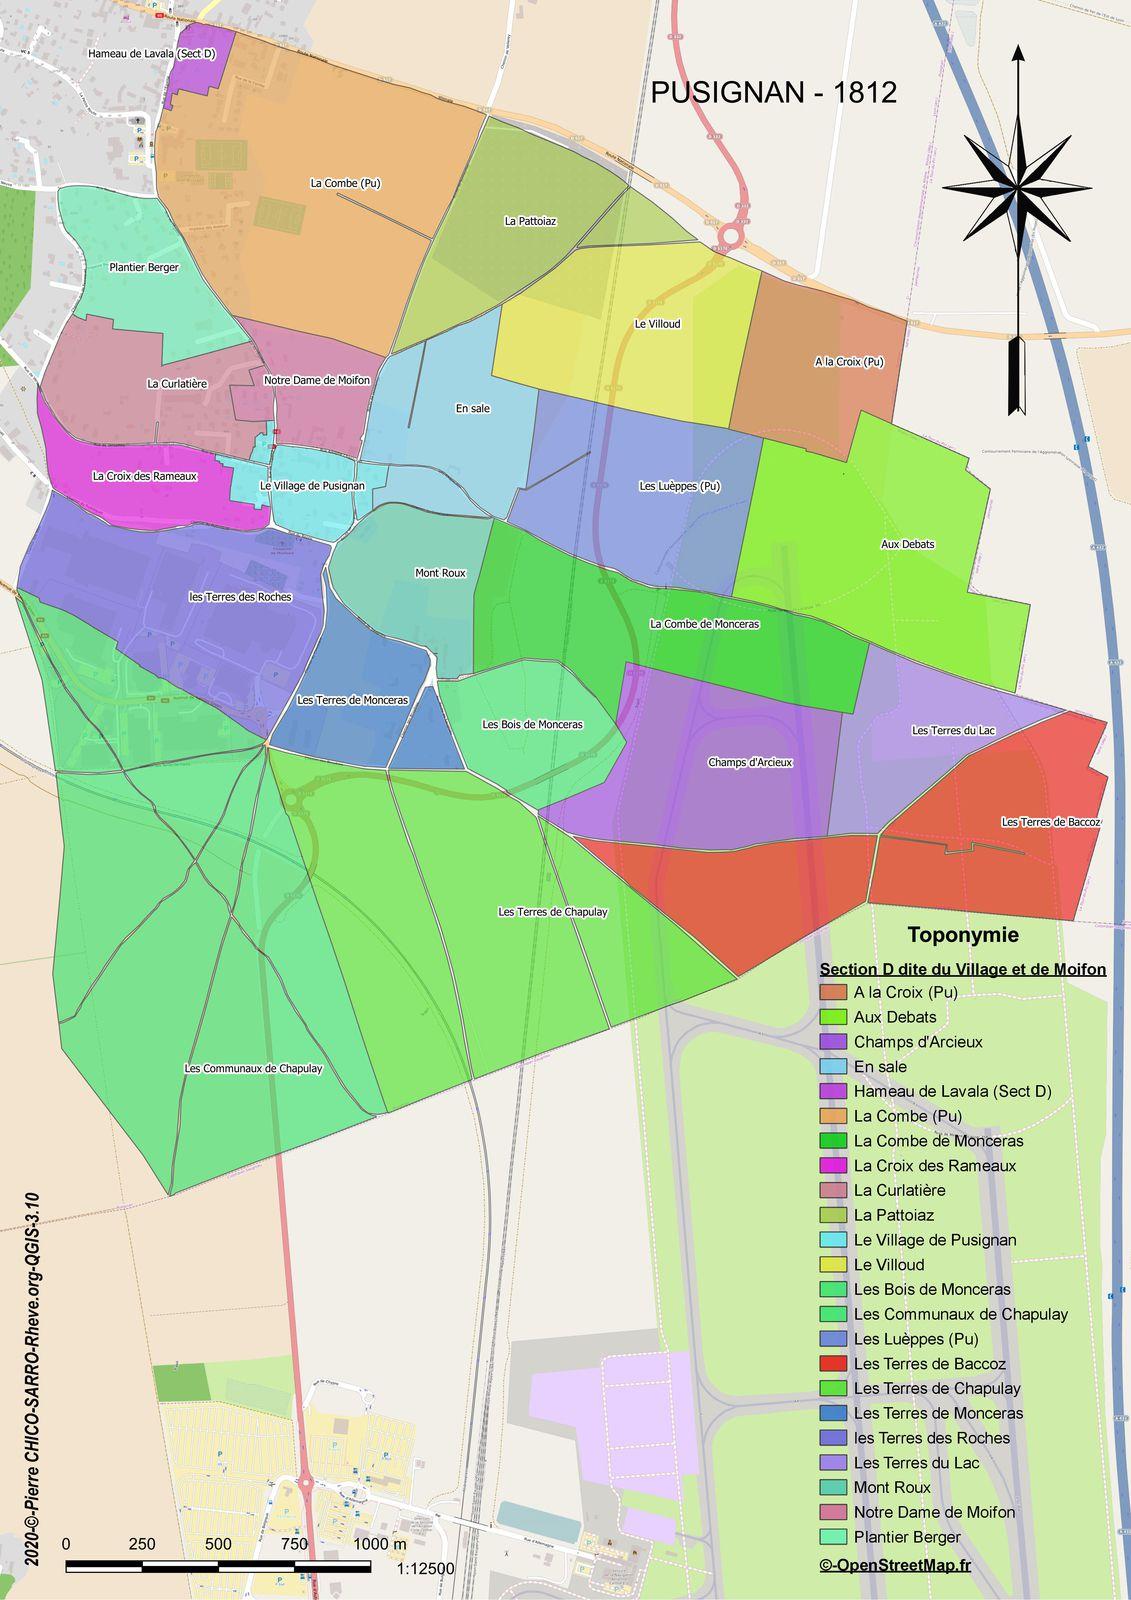 Distribution des toponymes de la section D dite du Village et de Moifon à Pusignan en 1812